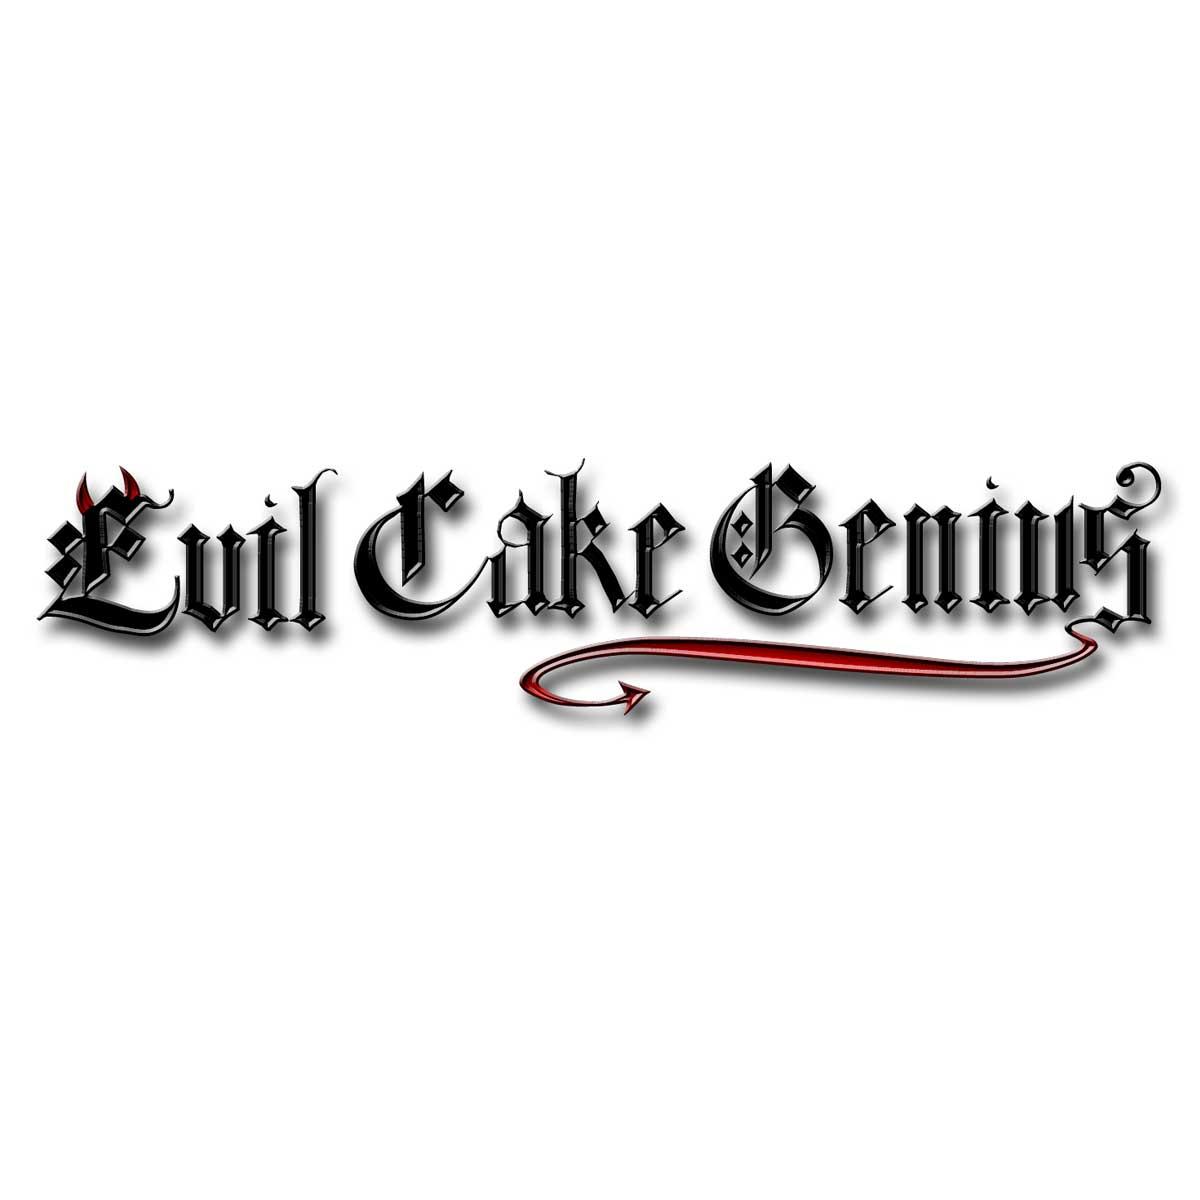 Art Nouveau Rose Vine Full Evil Cake Genius